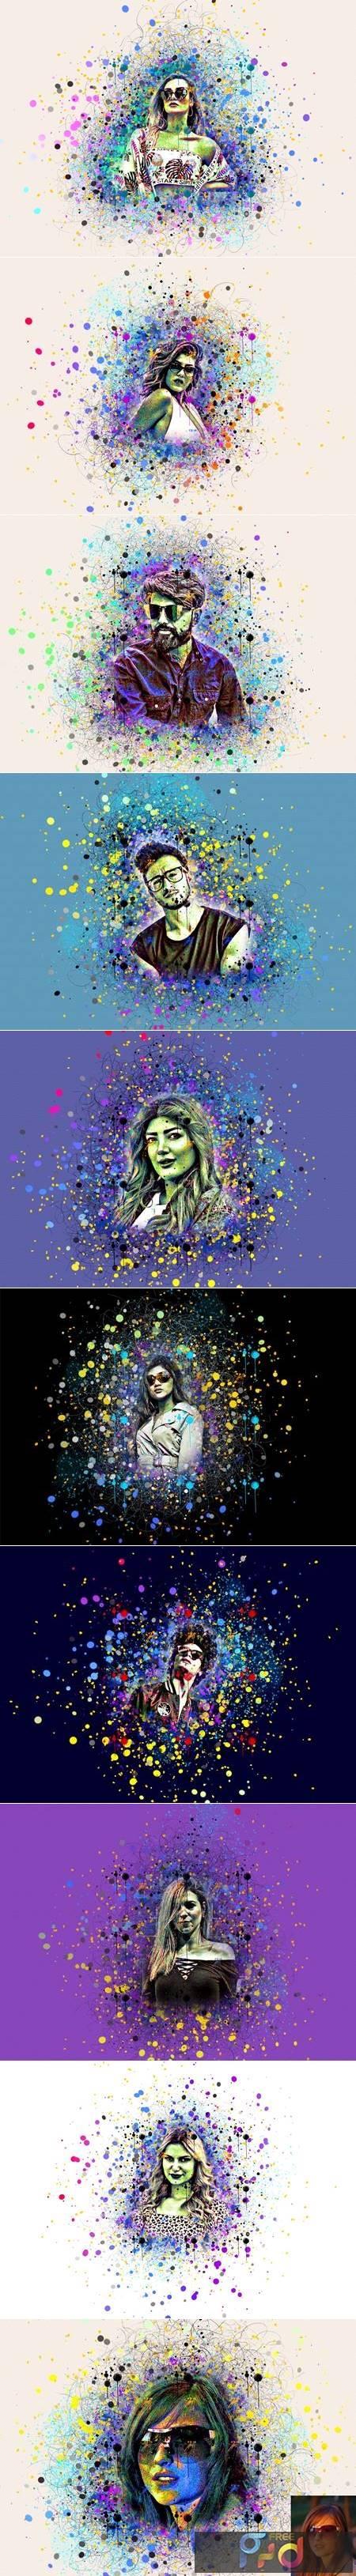 Color Splash Photoshop Action 5390030 1